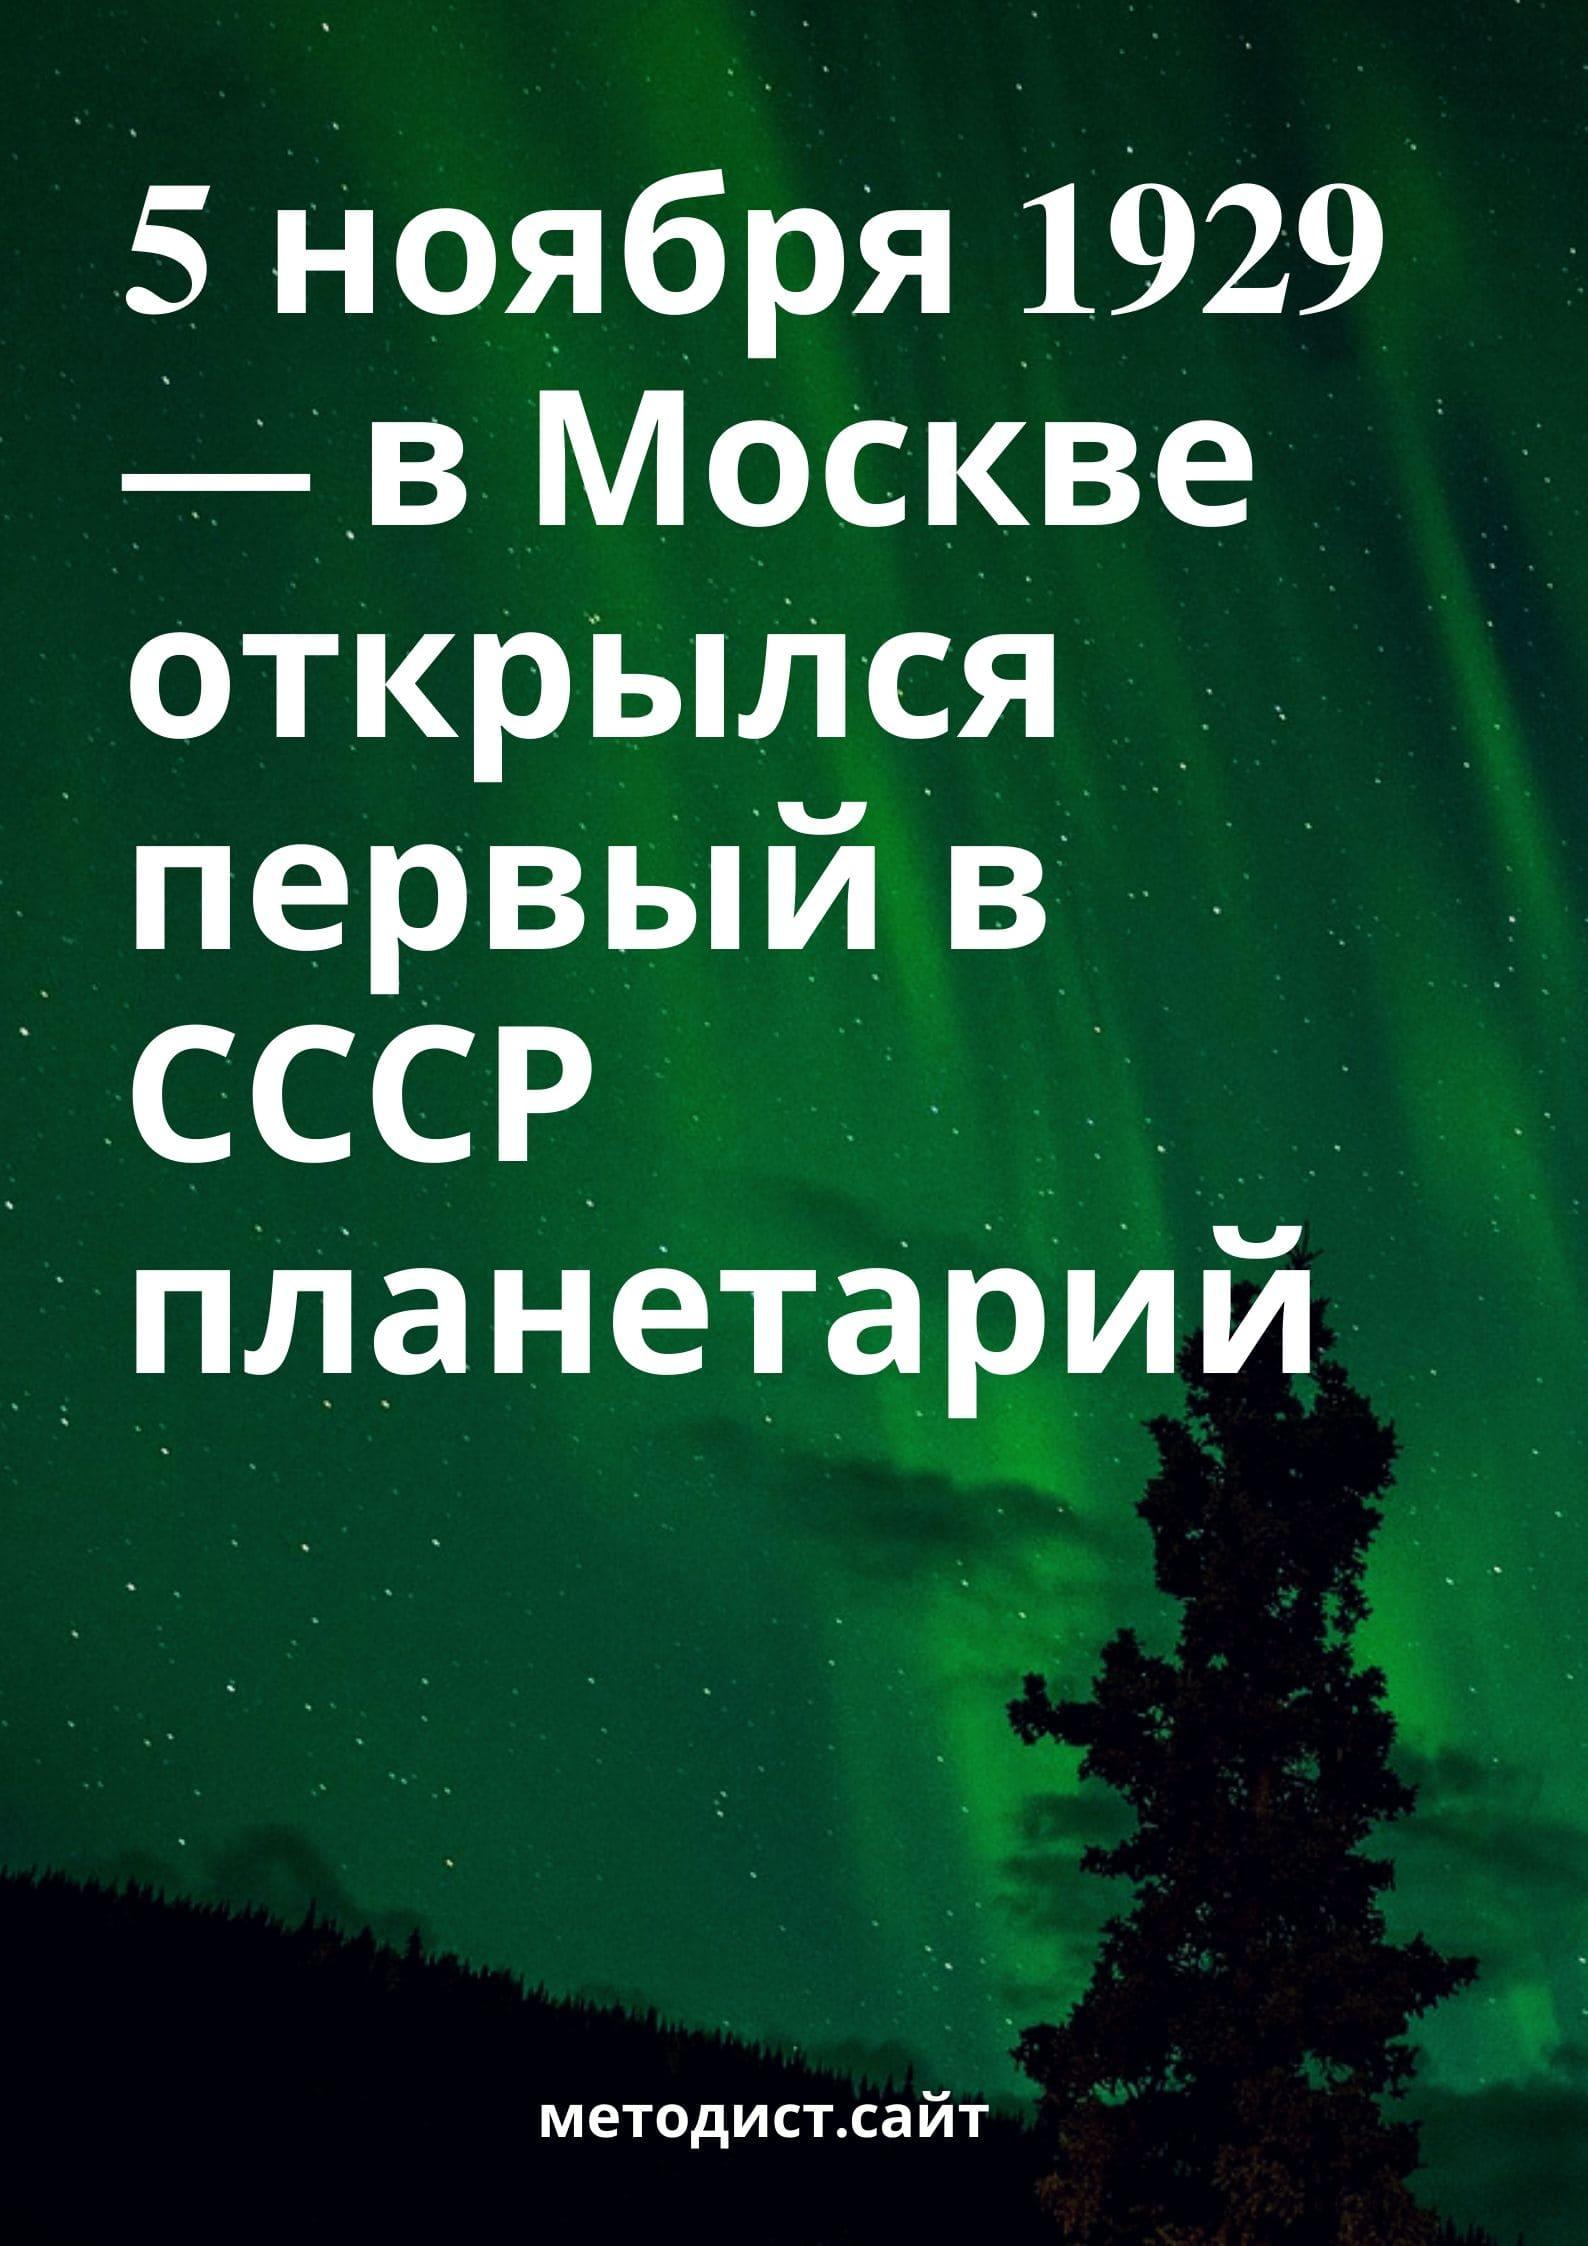 5 ноября 1929 — в Москве открылся первый в СССР планетарий